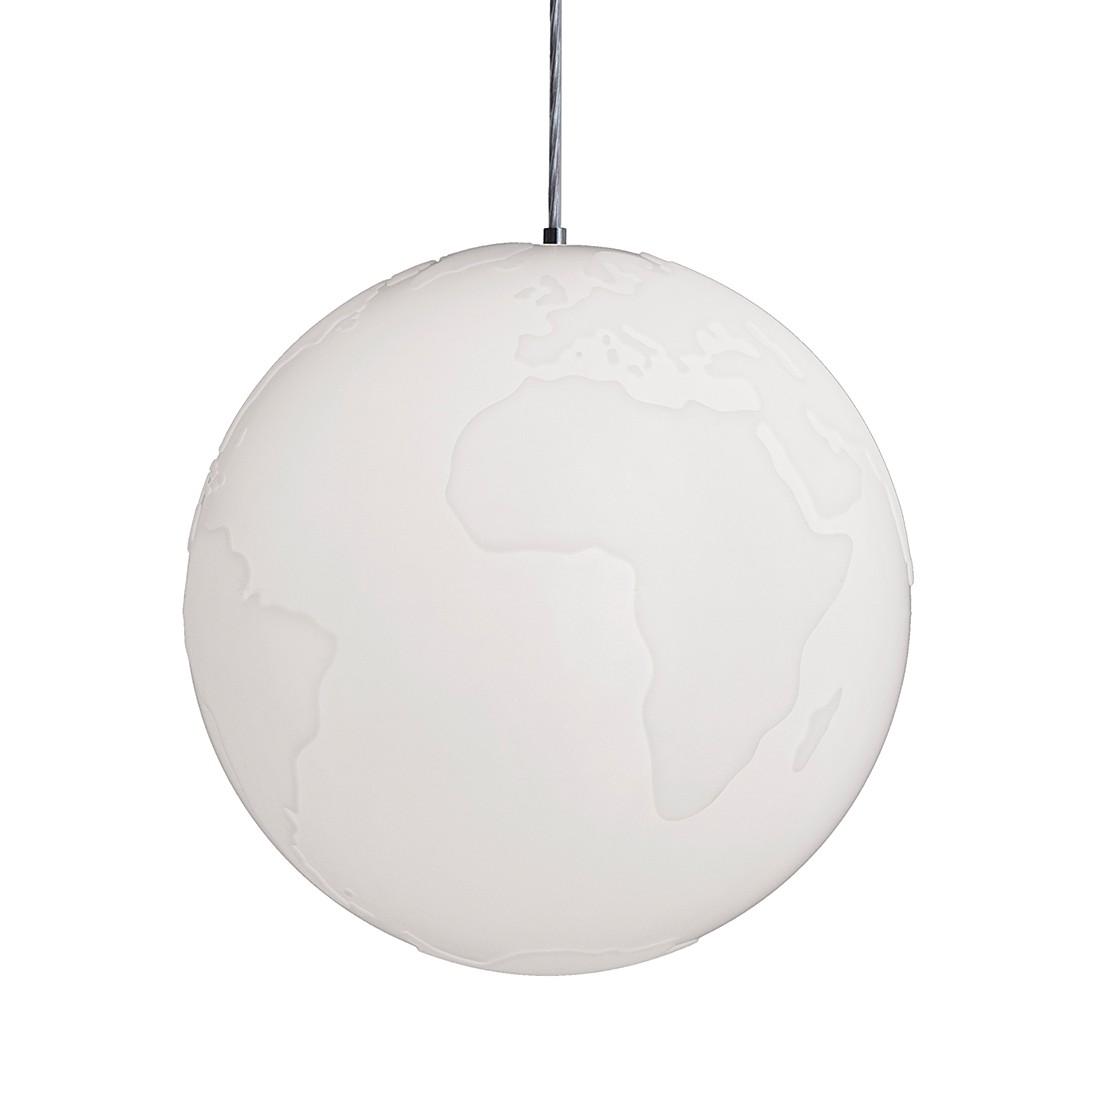 EEK A++, Pendelleuchte Planet Earth – Weiß – 1-flammig, Formagenda günstig online kaufen